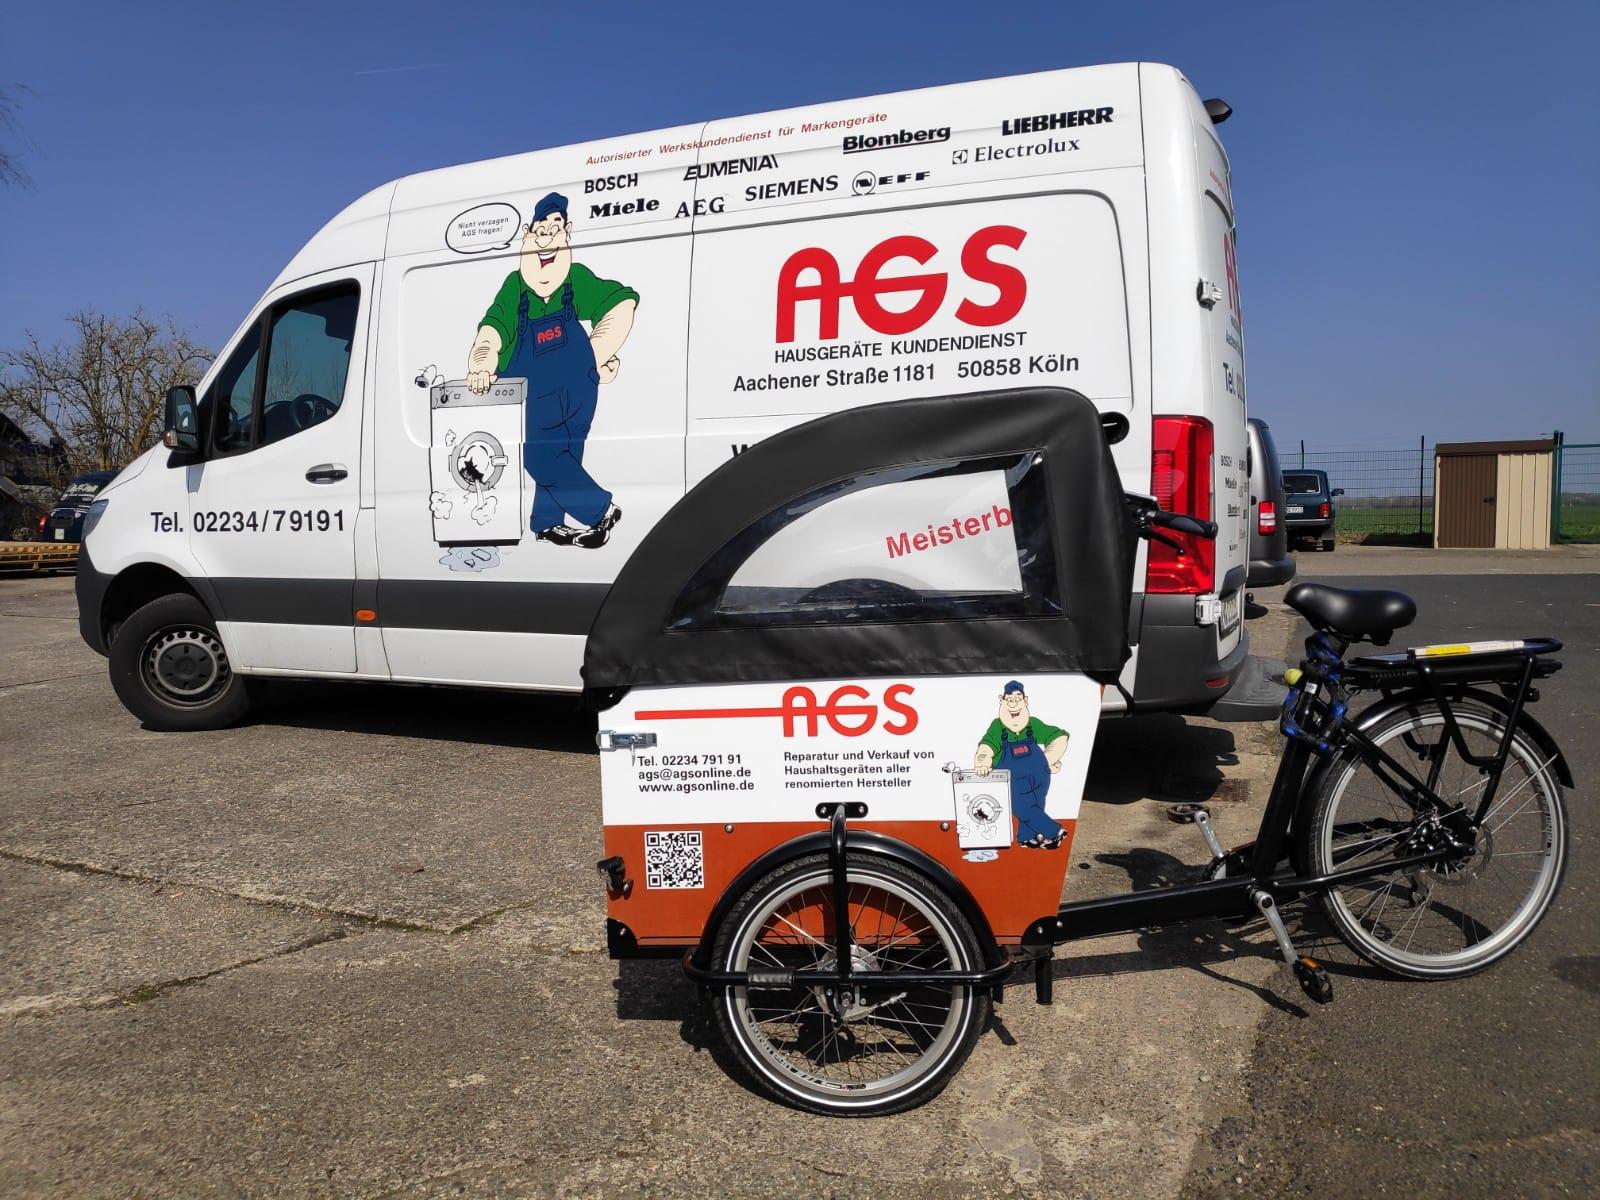 AGS GmbH Fuhrpark